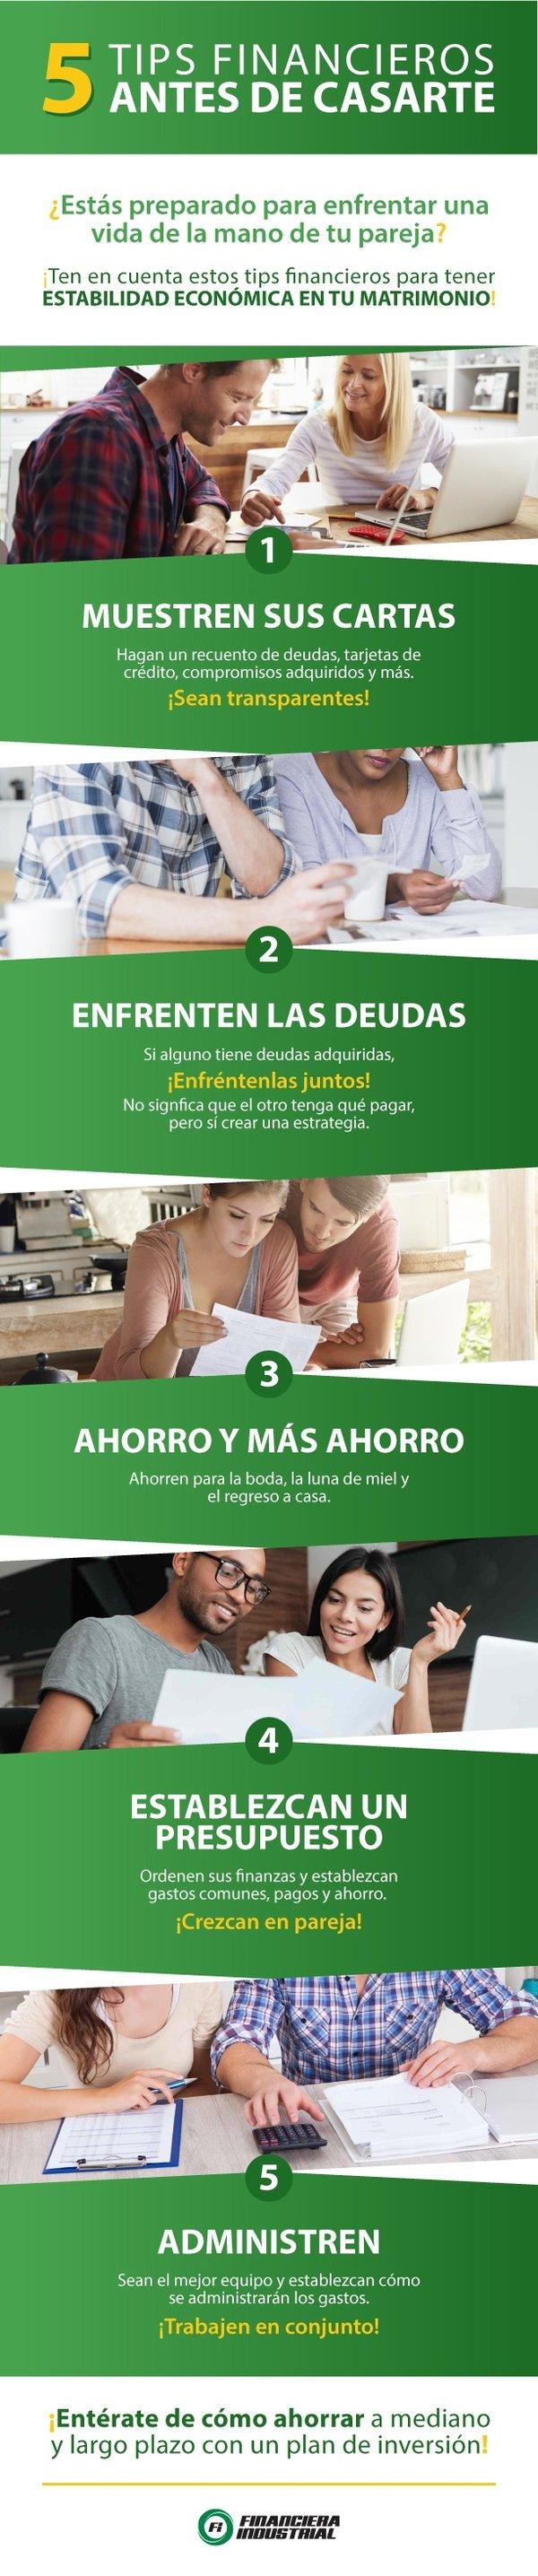 Infografía-tips-antes-de-casarte